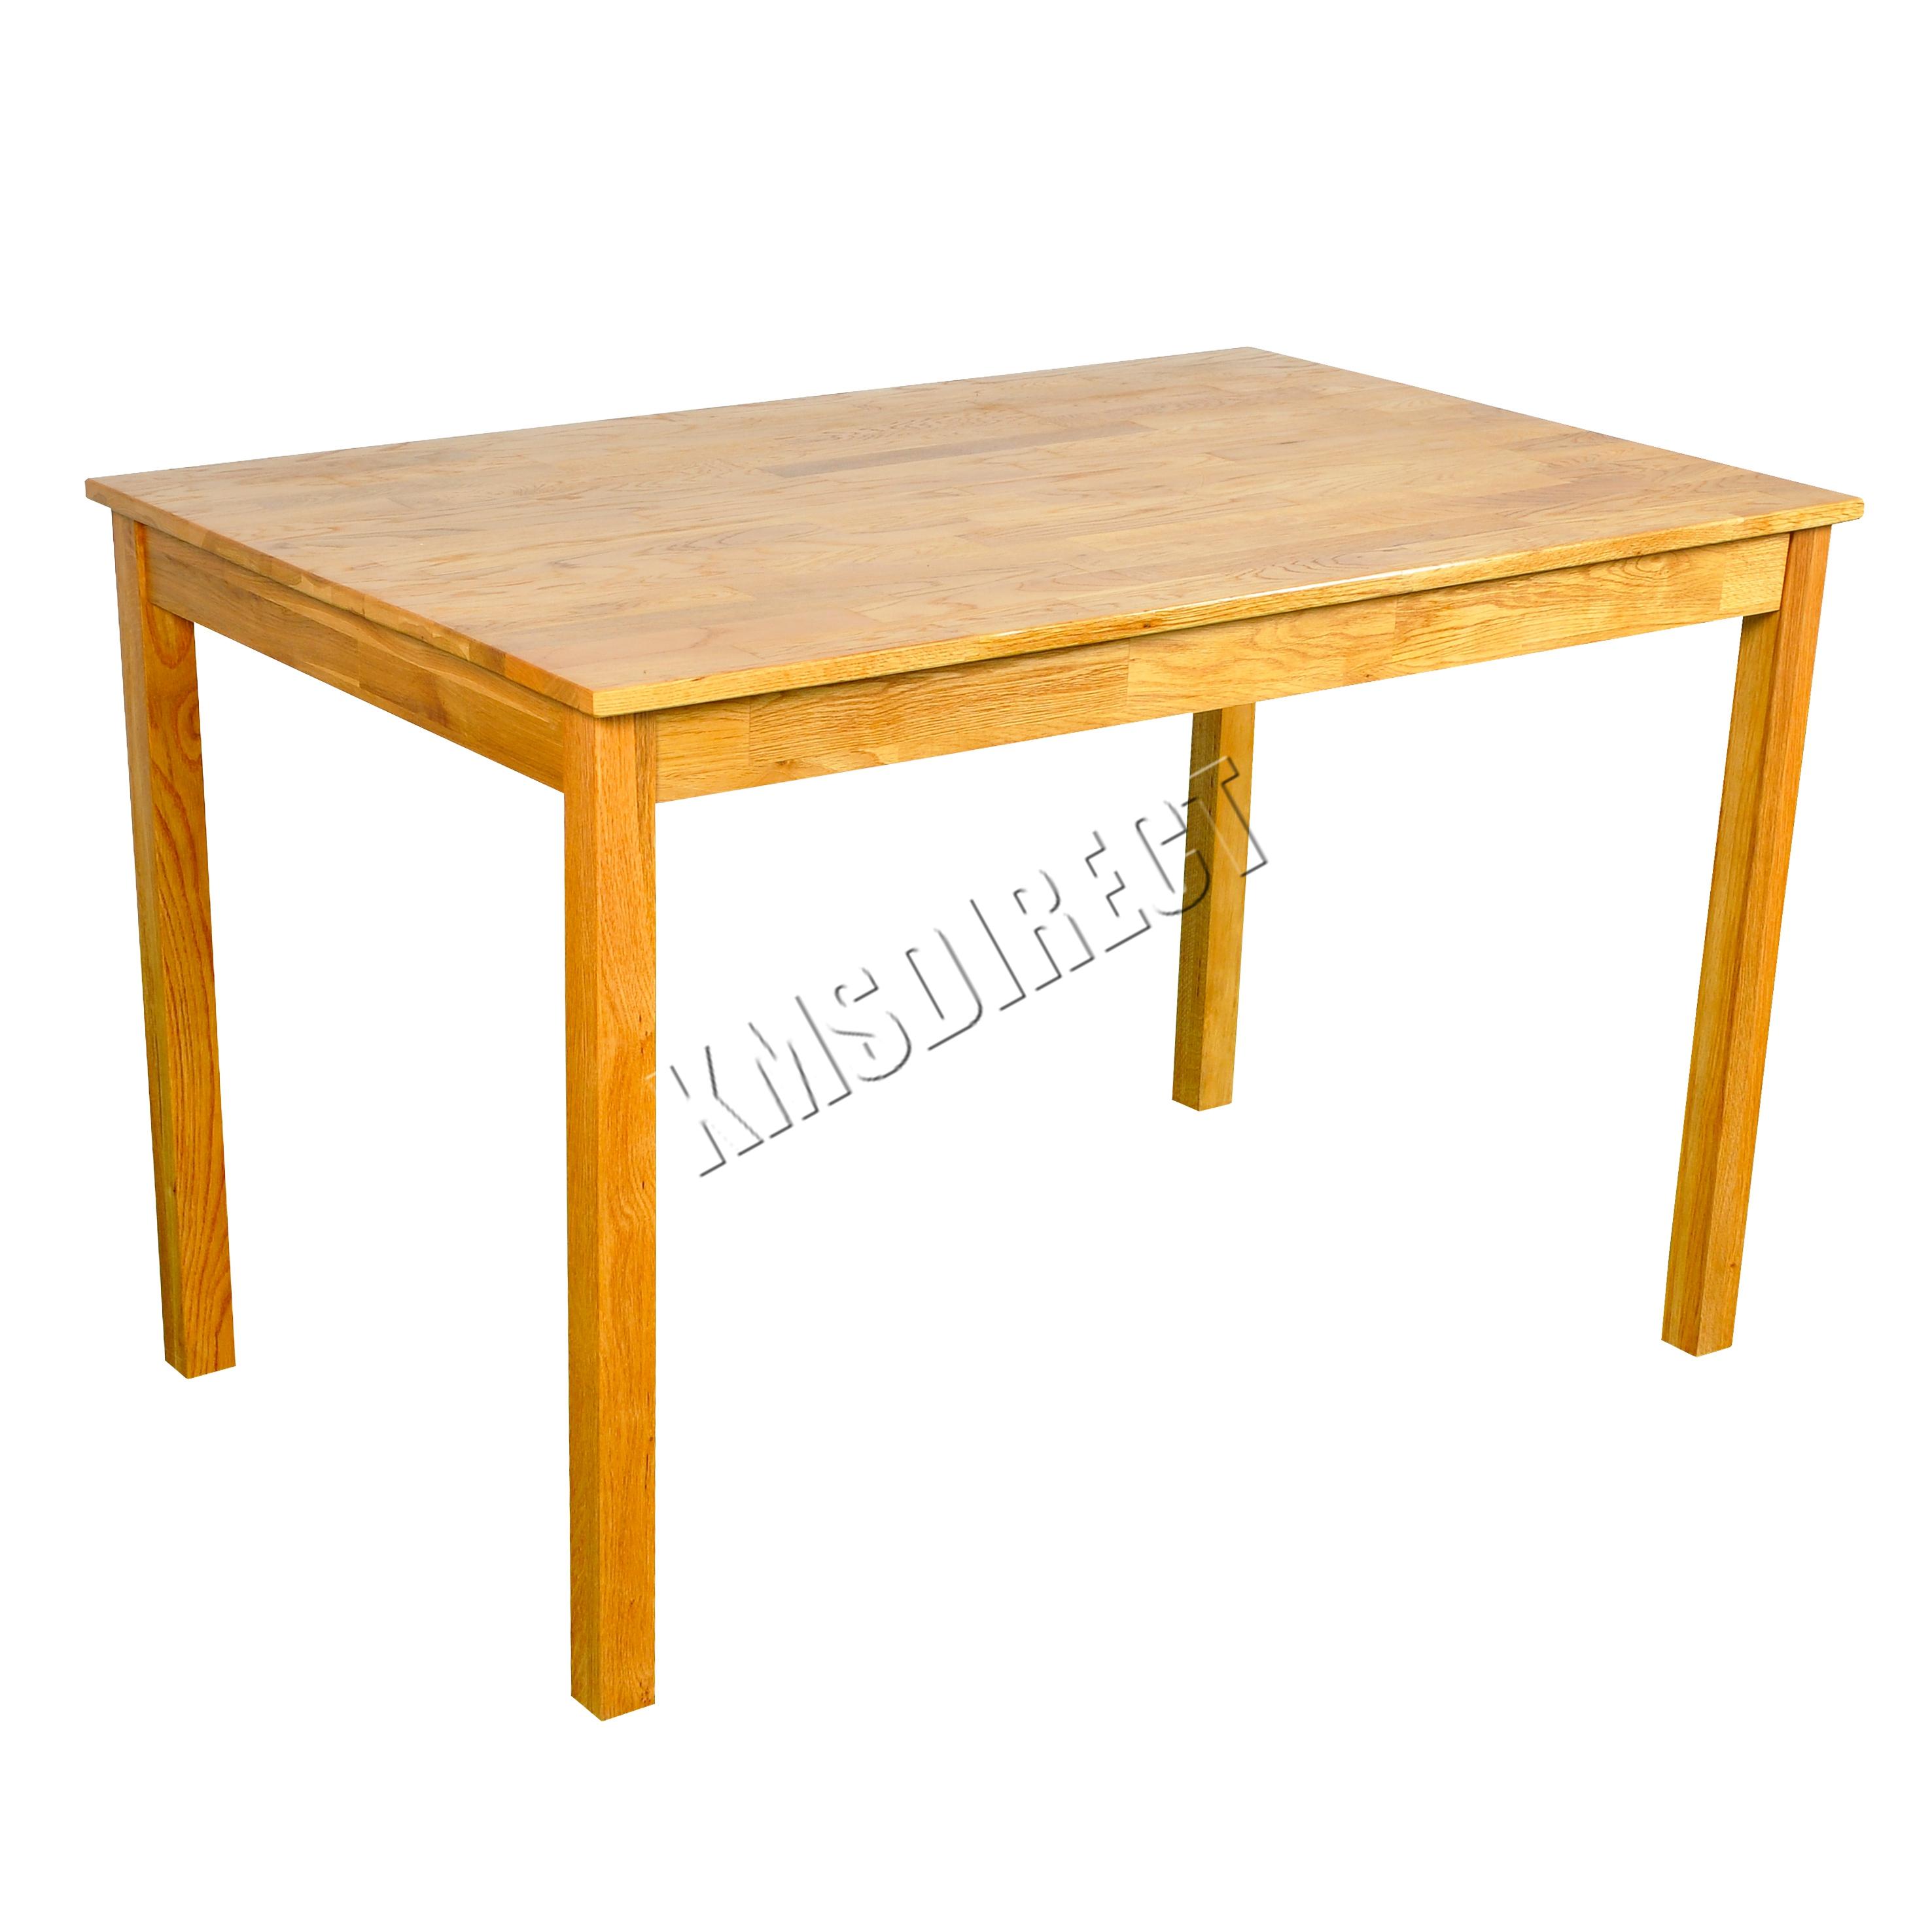 RIPARO in legno massello rustico naturale TAVOLO DA PRANZO IN ROVERE MOBILI DA CUCINA CASA  eBay